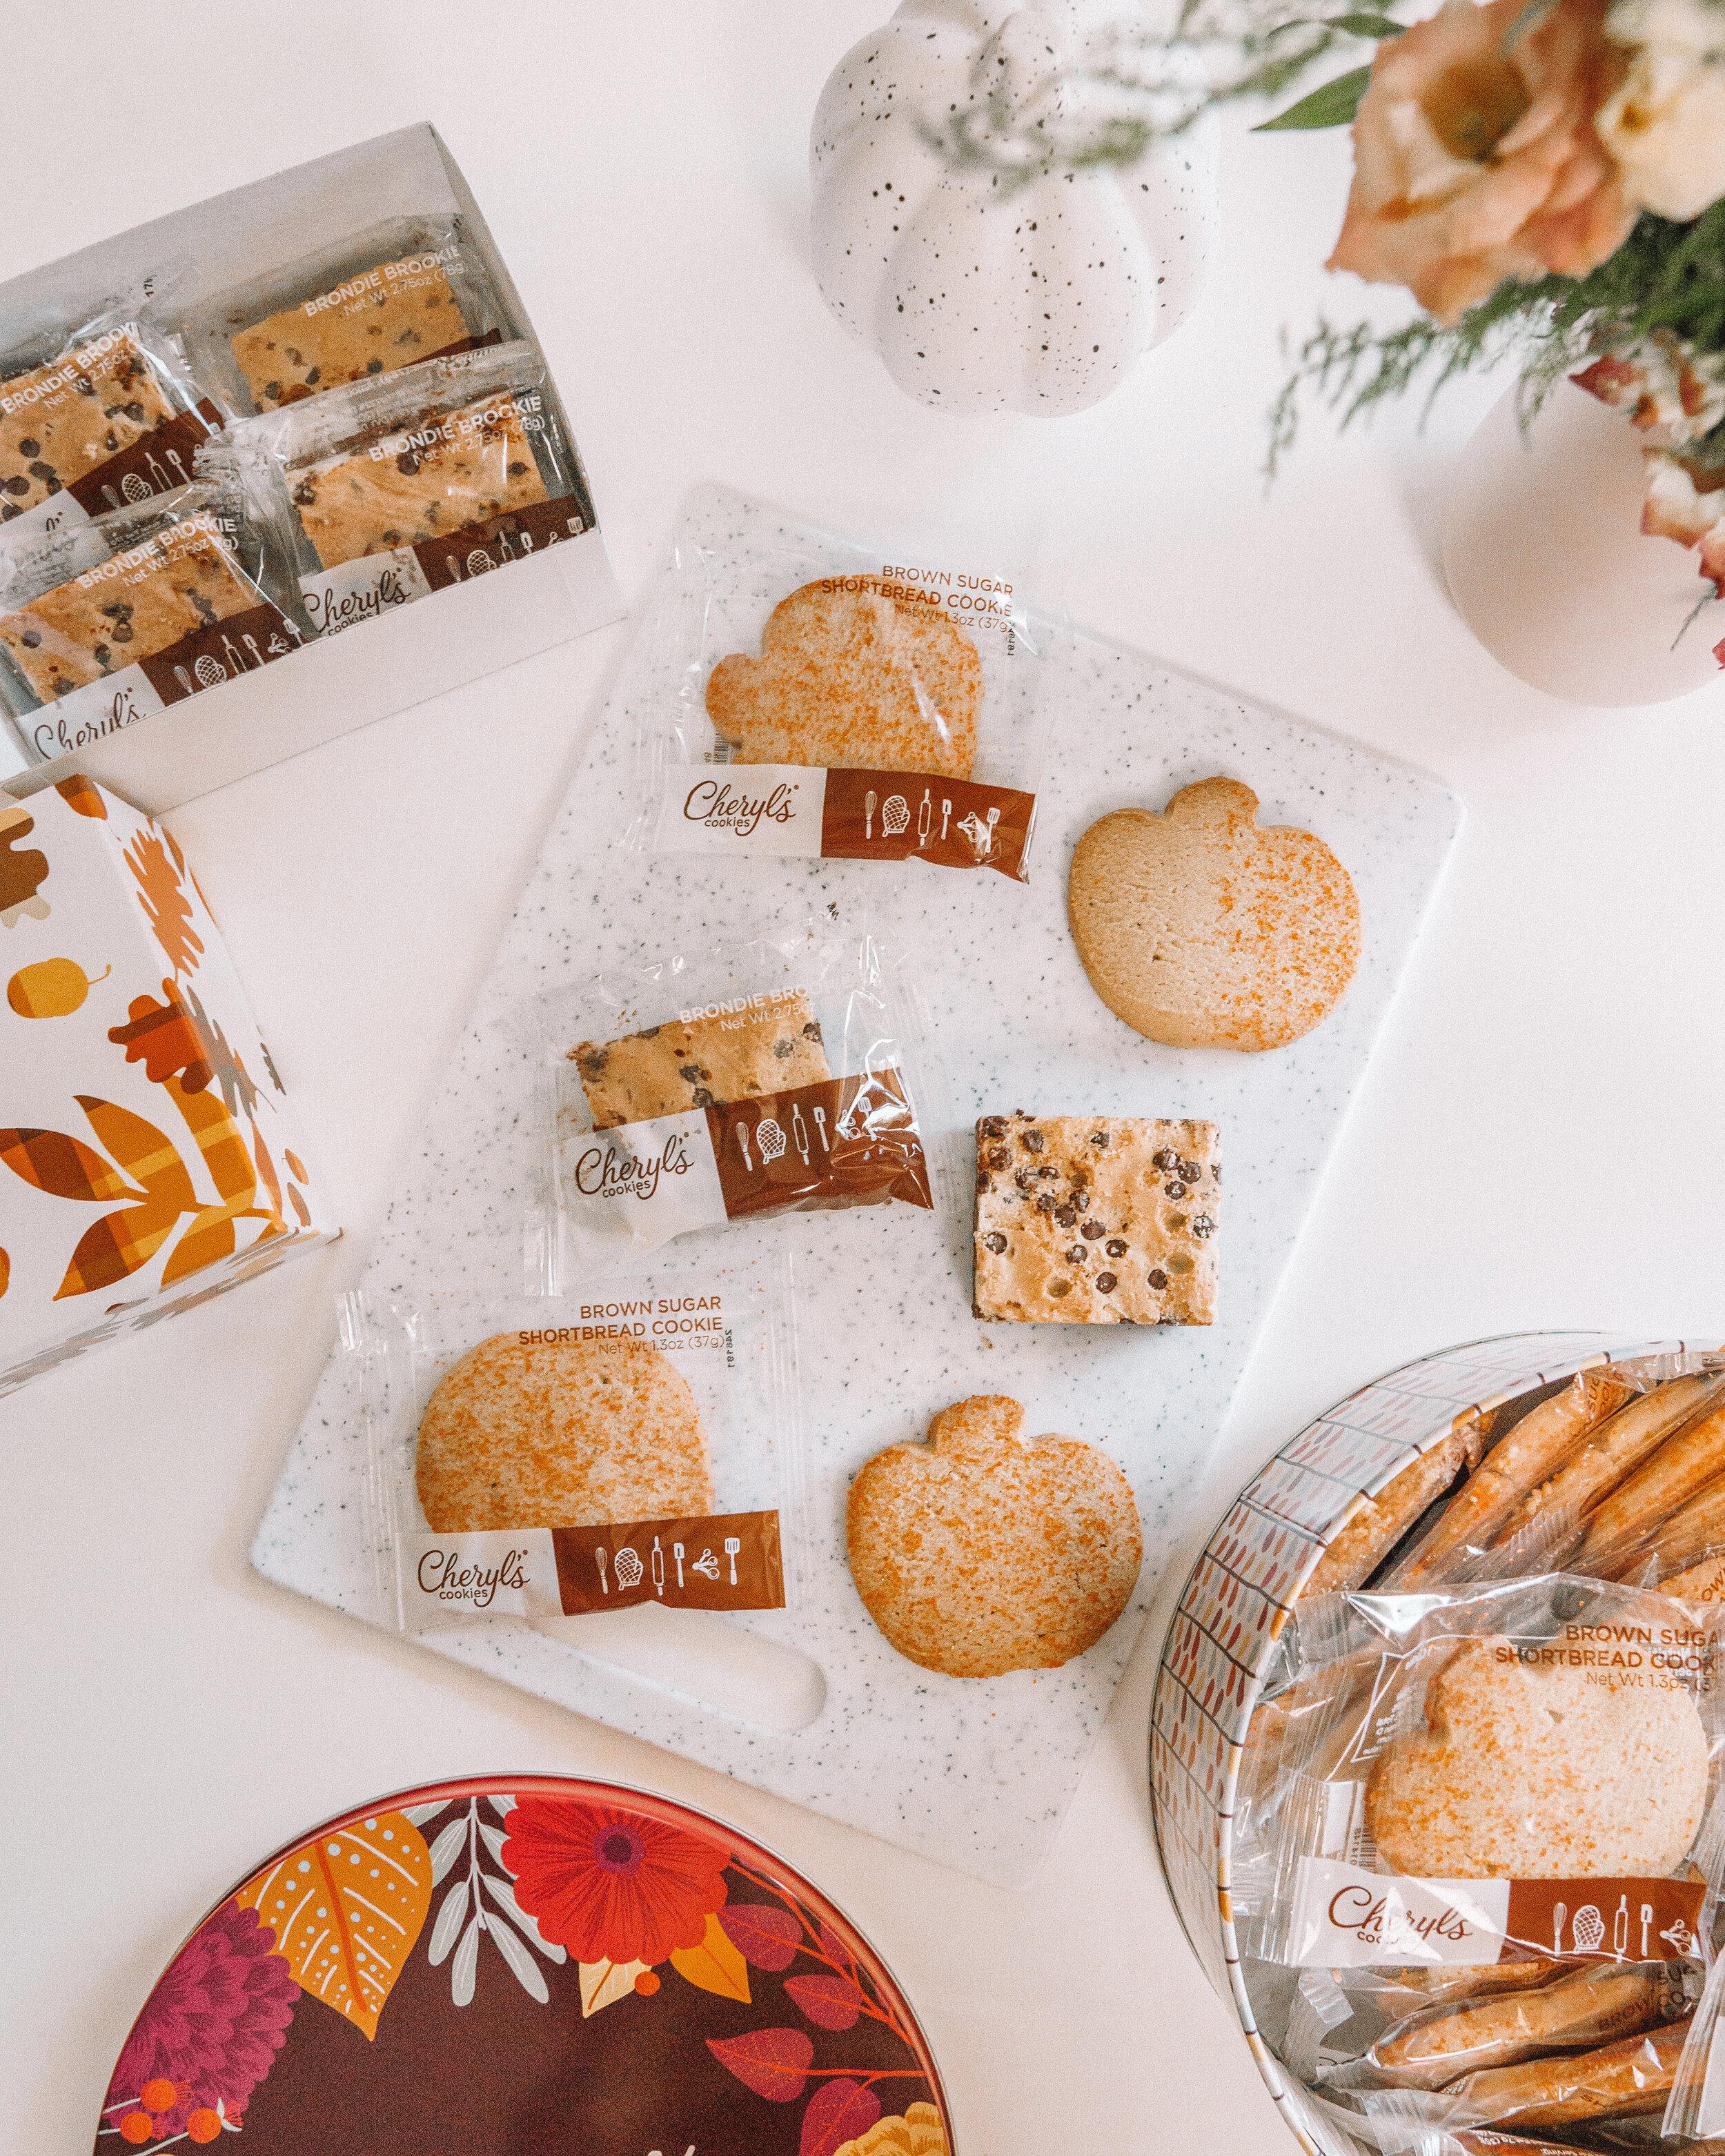 cheryls-cookies-2.jpg